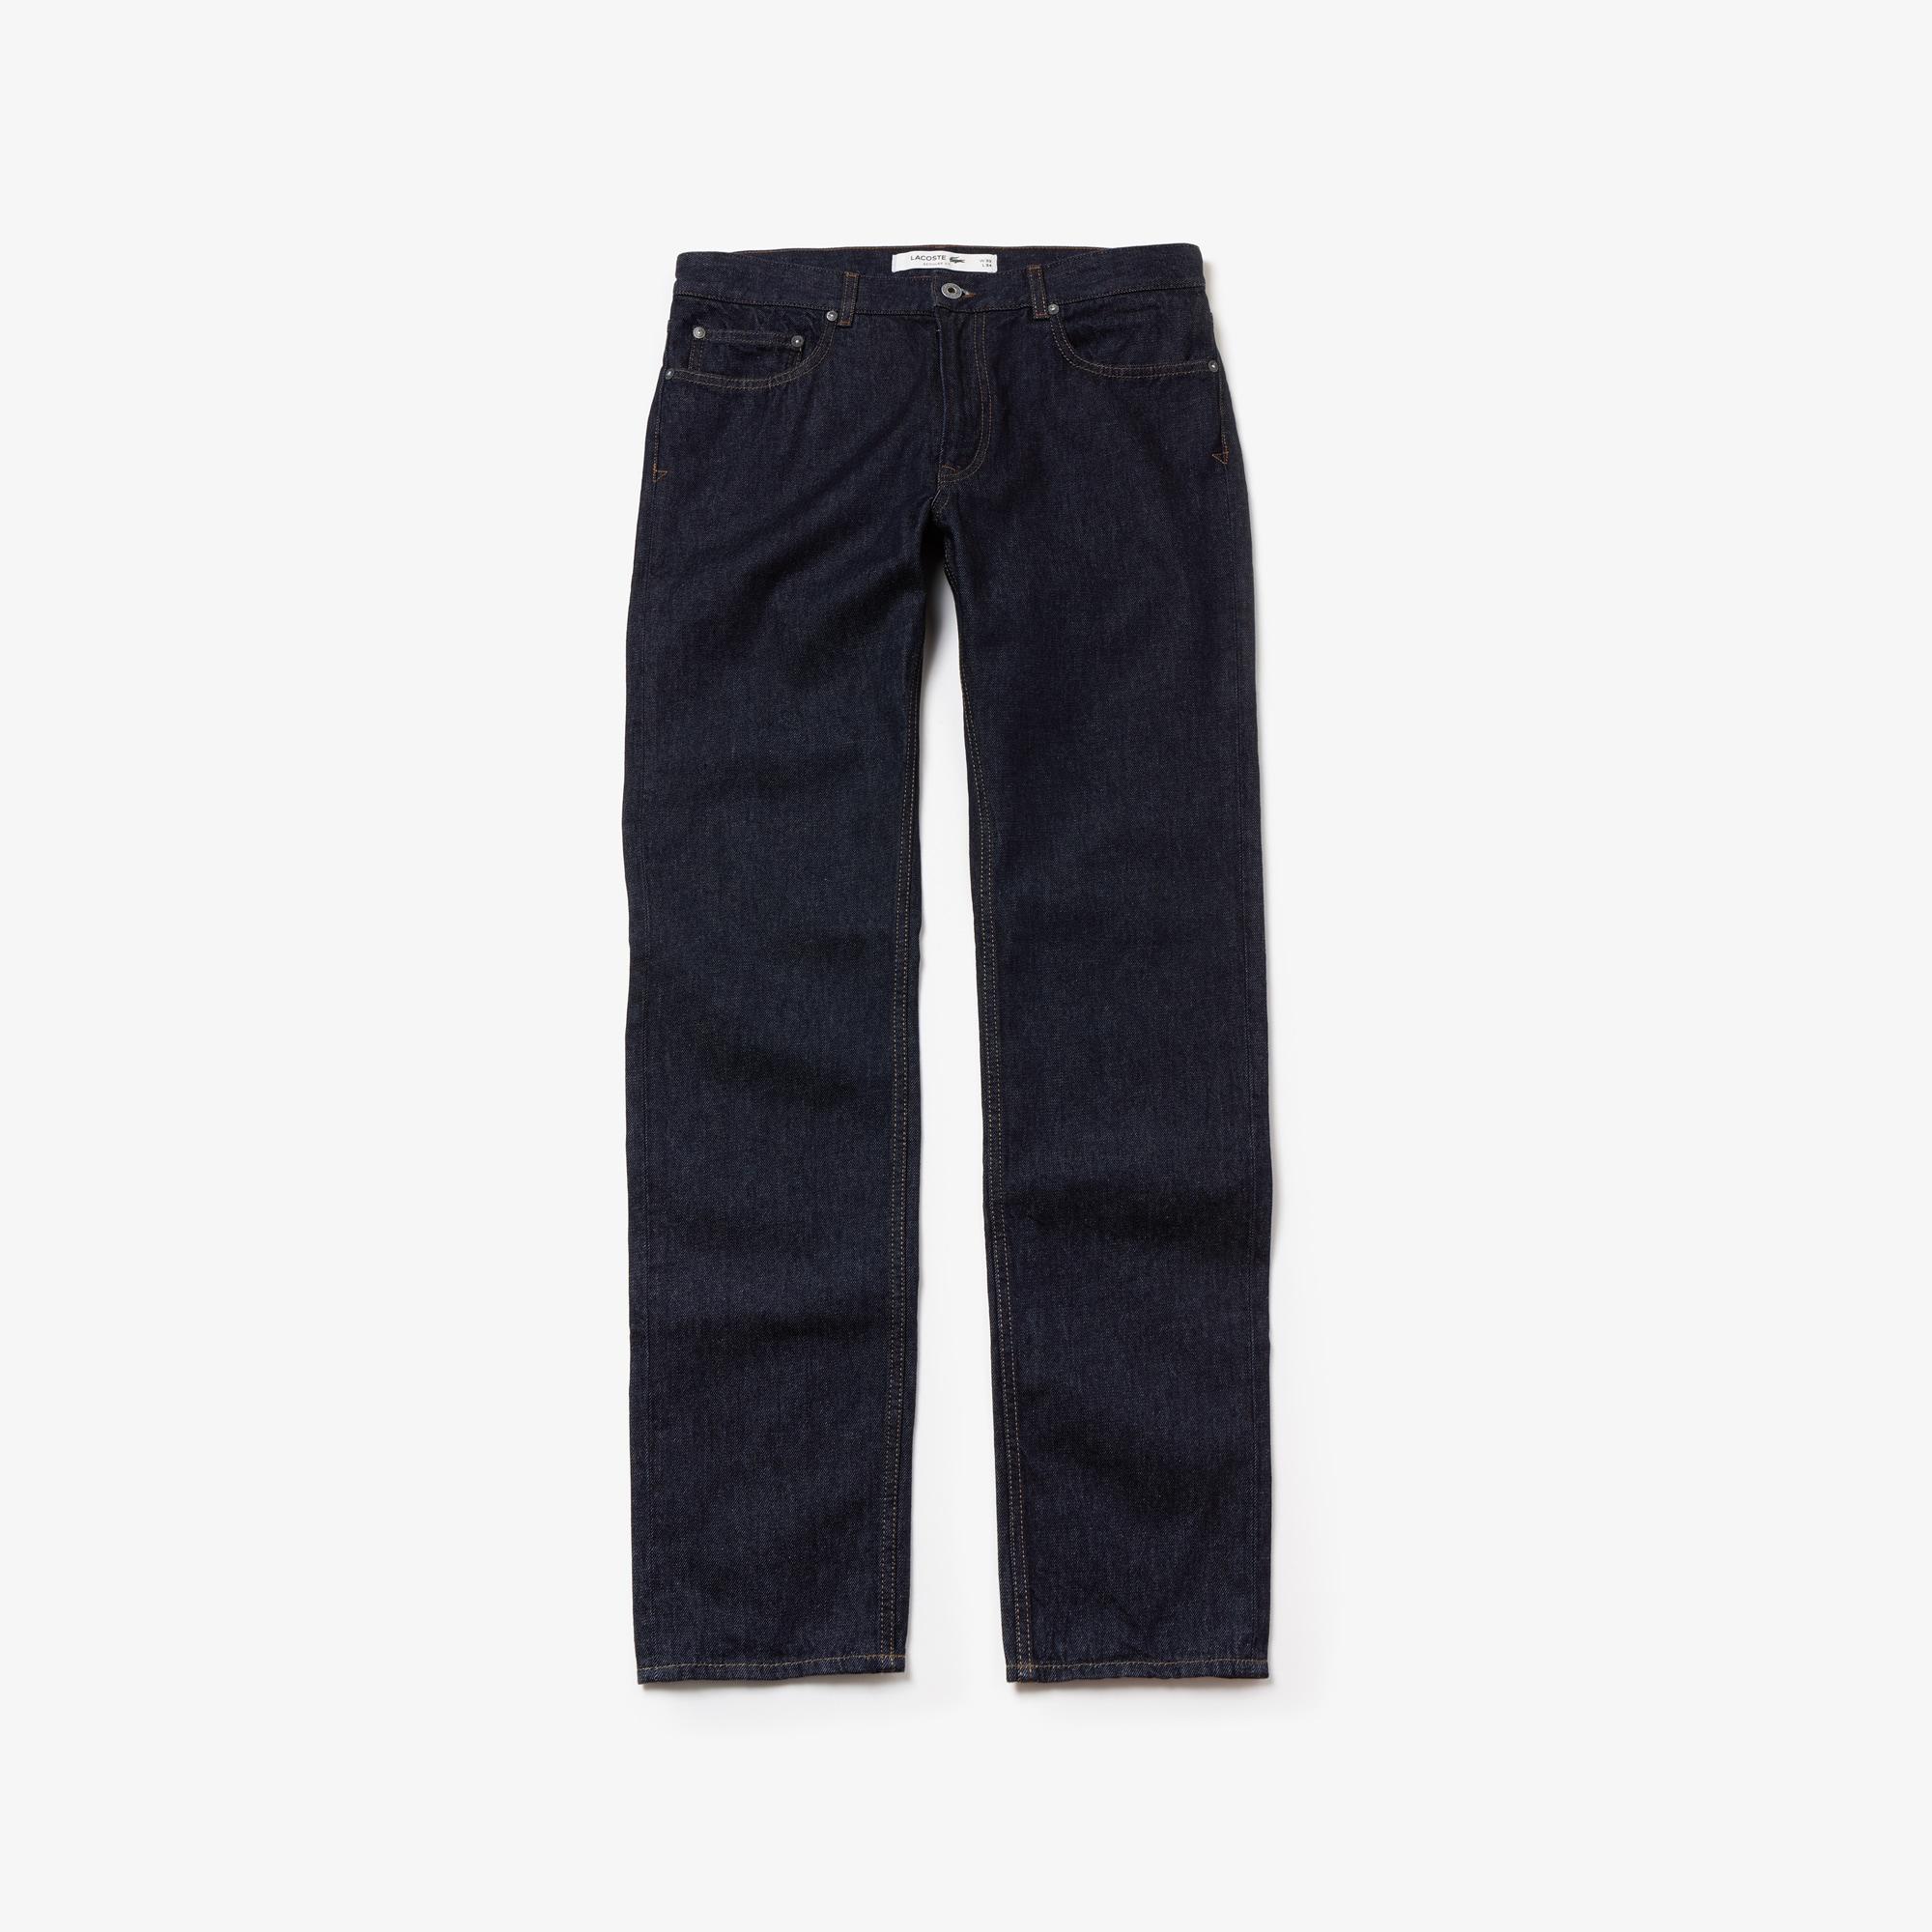 Jean 5 poches coupe droite en denim de coton